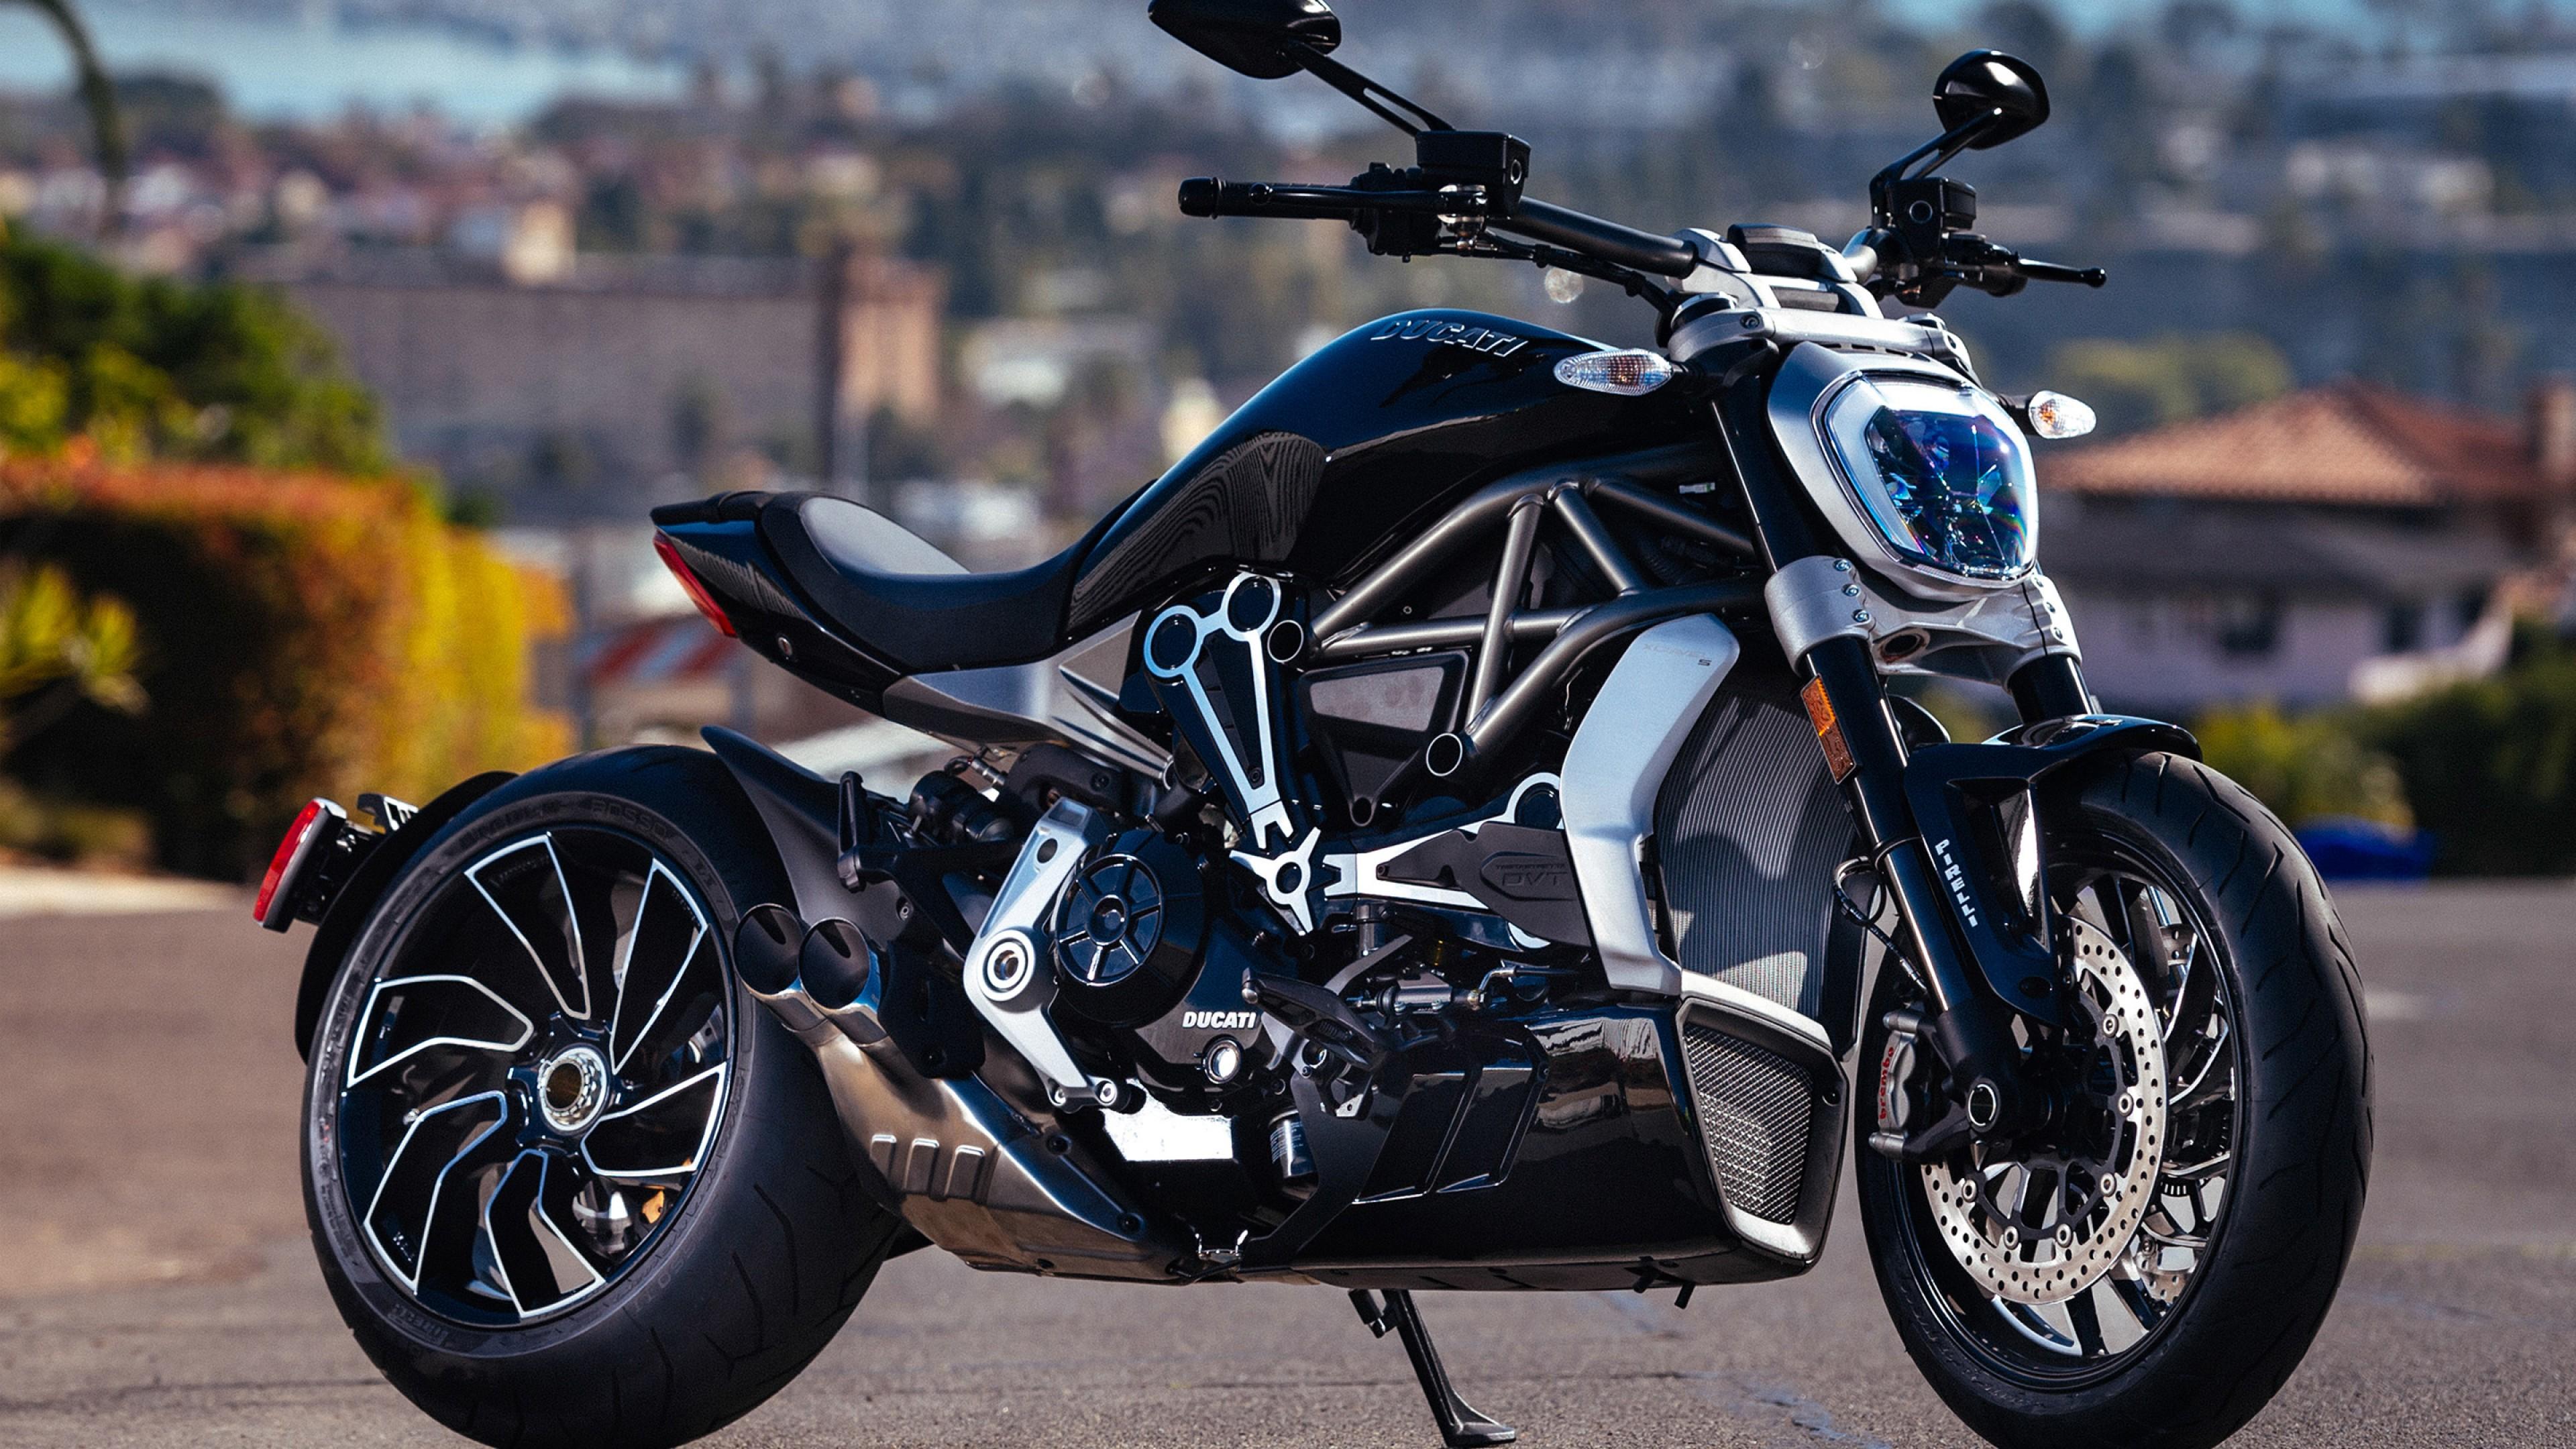 Ducati Diavel Bike Hd Wallpaper For Desktop And Mobiles 4k